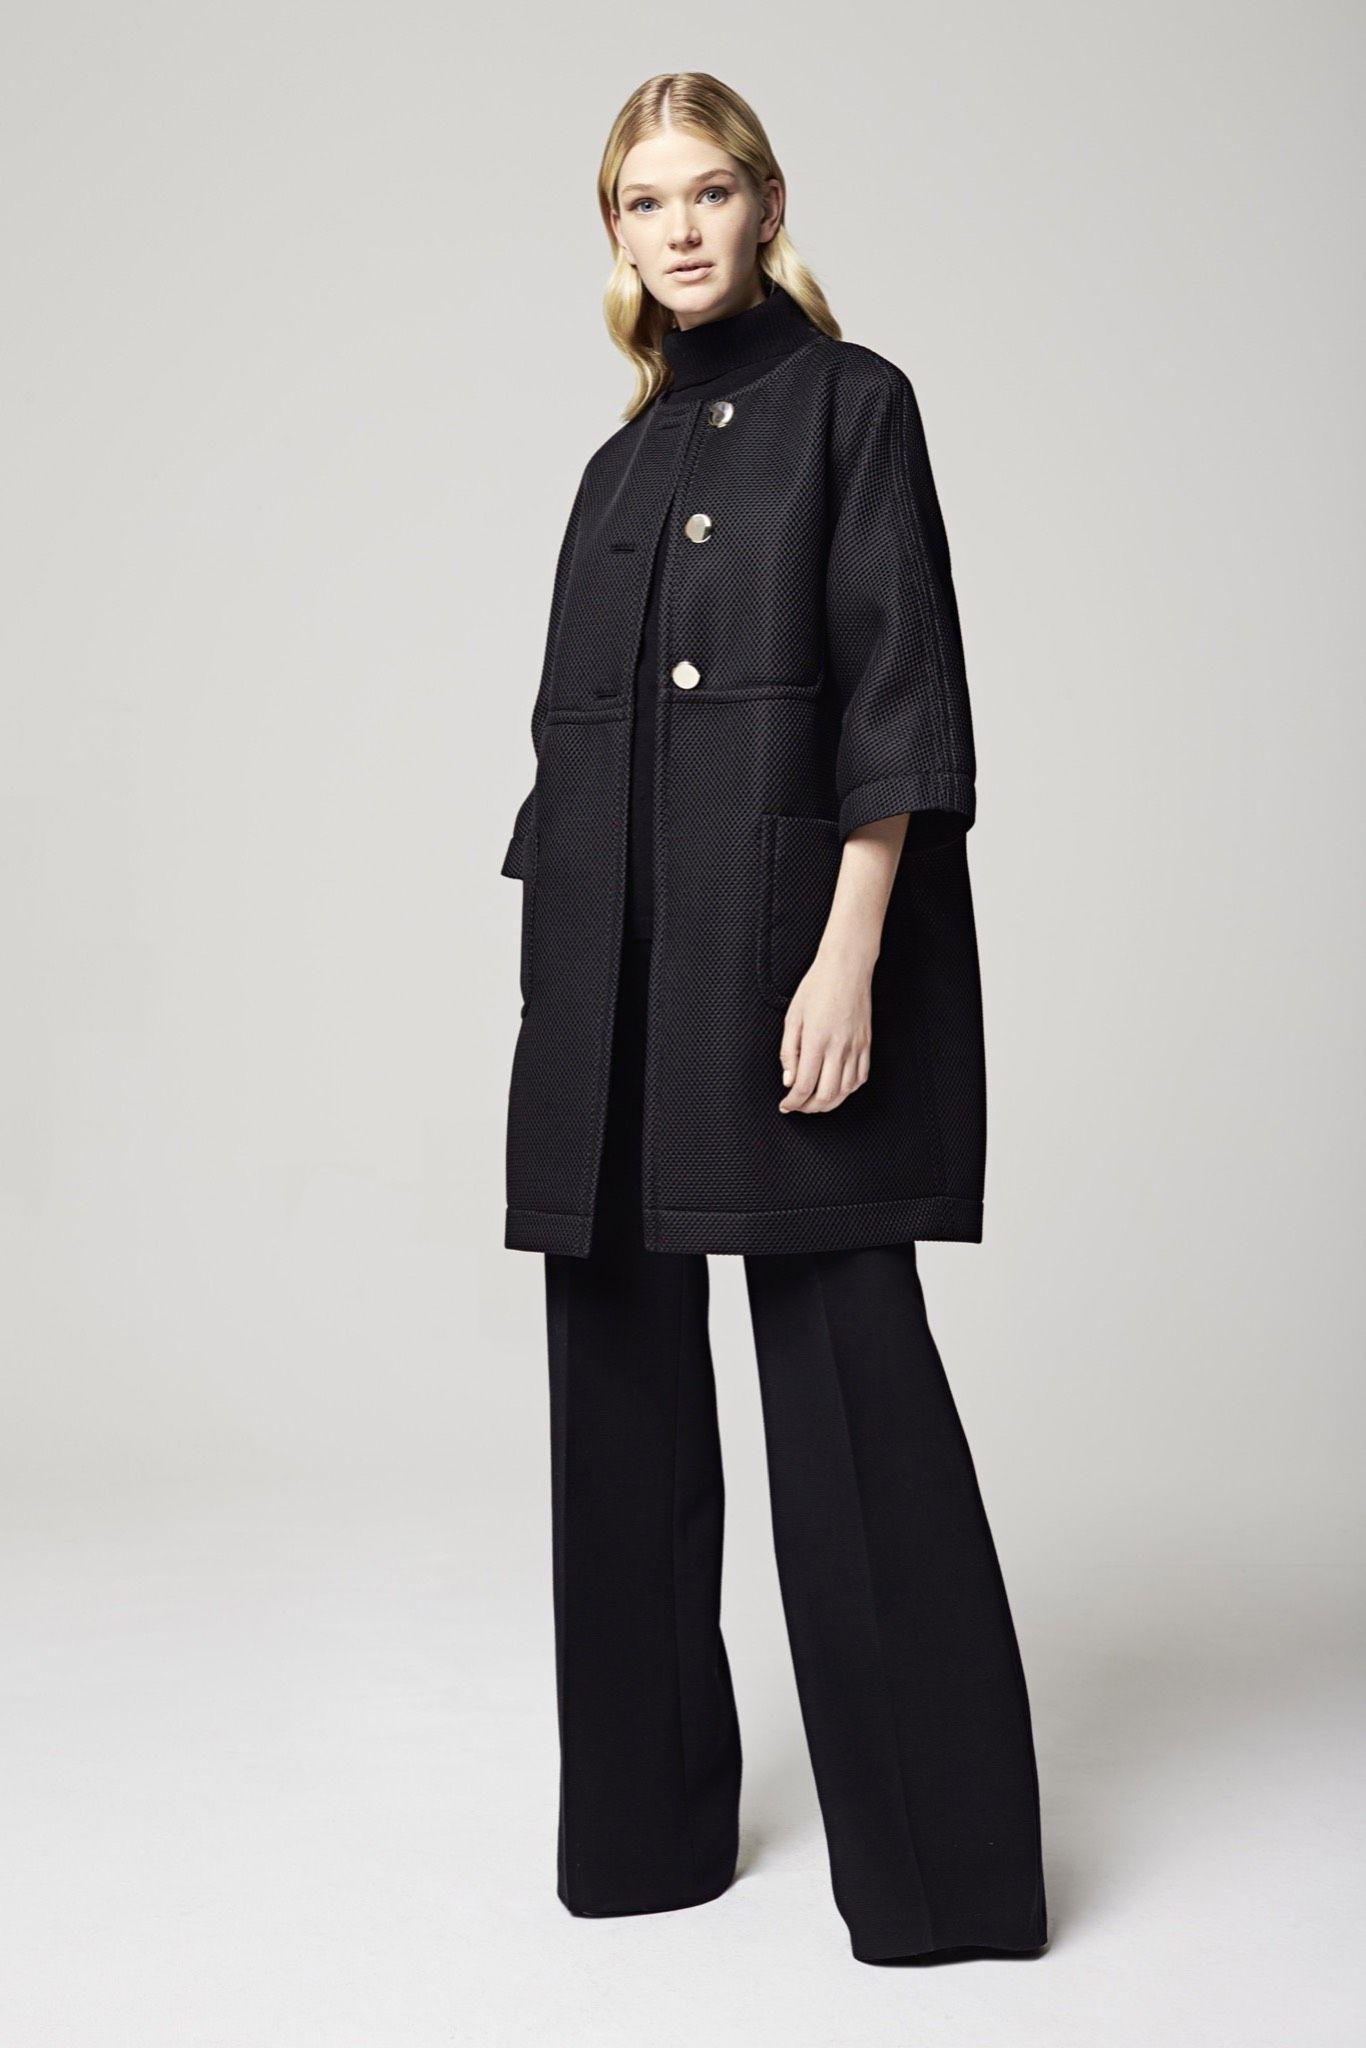 Kristine Zandmane for Escada Resort 2016 Lookbook | Mode